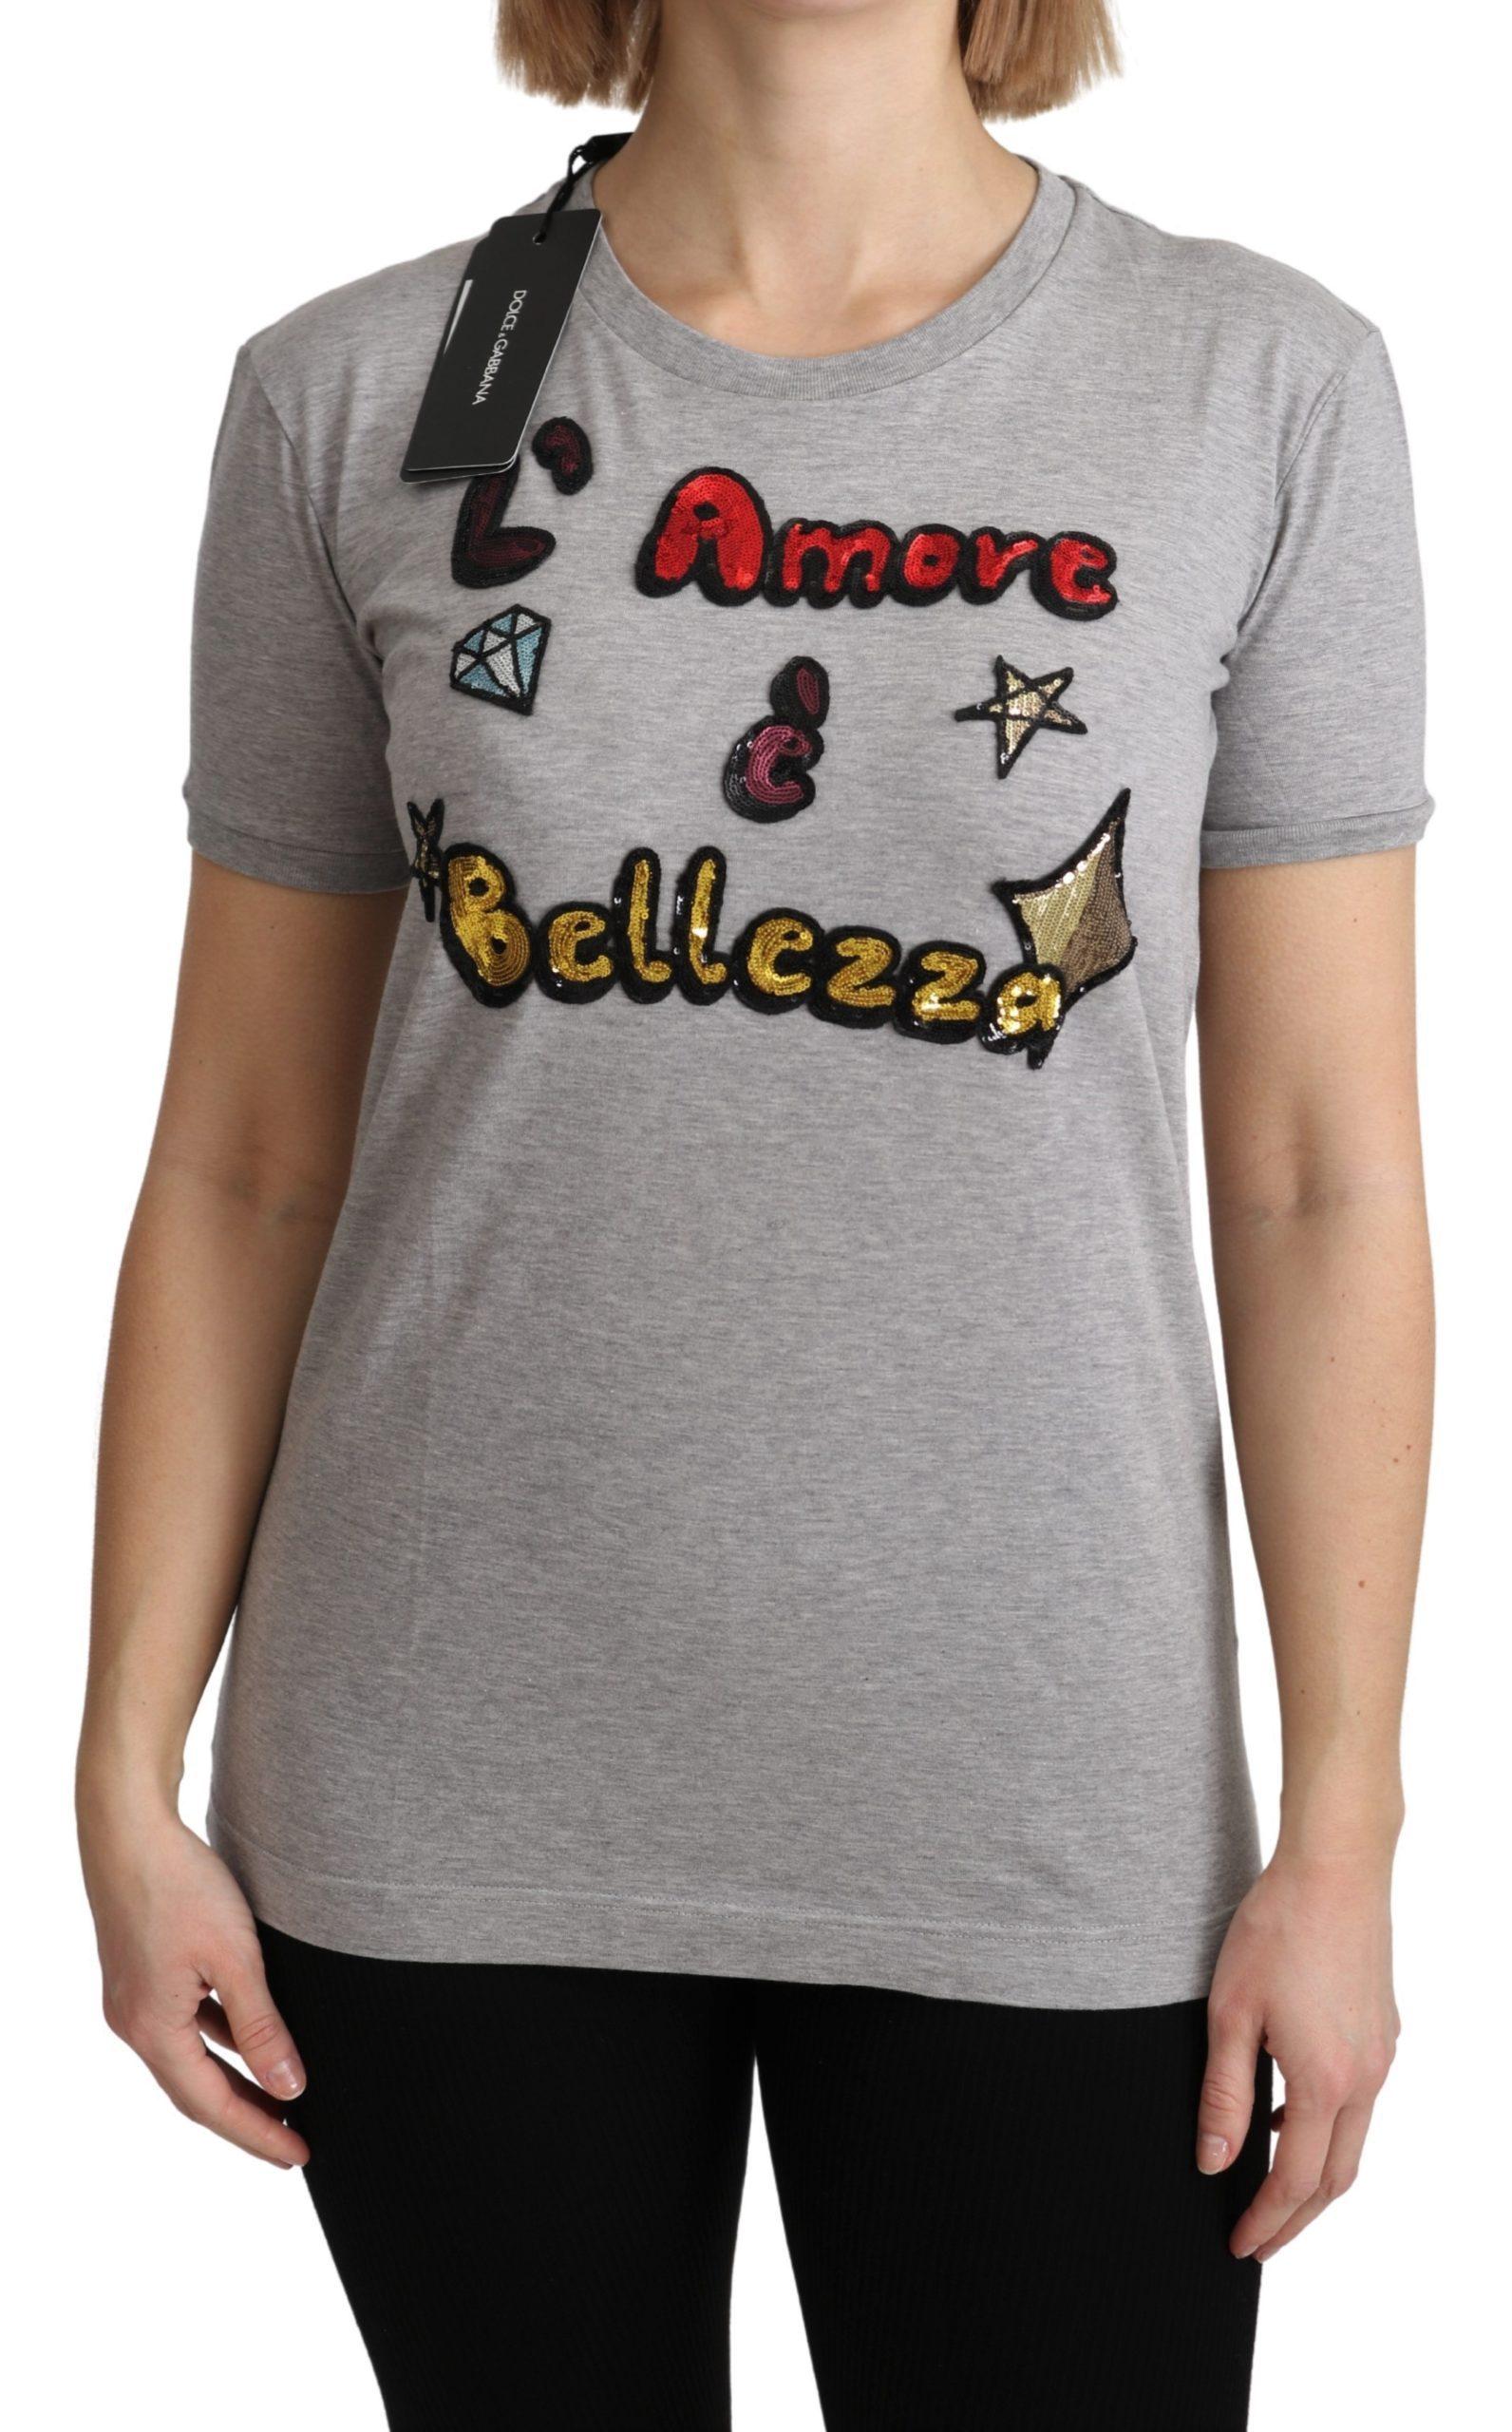 Dolce & Gabbana Women's Cotton Amore e Bellezza T-Shirt Gray TSH5154 - IT36   XS